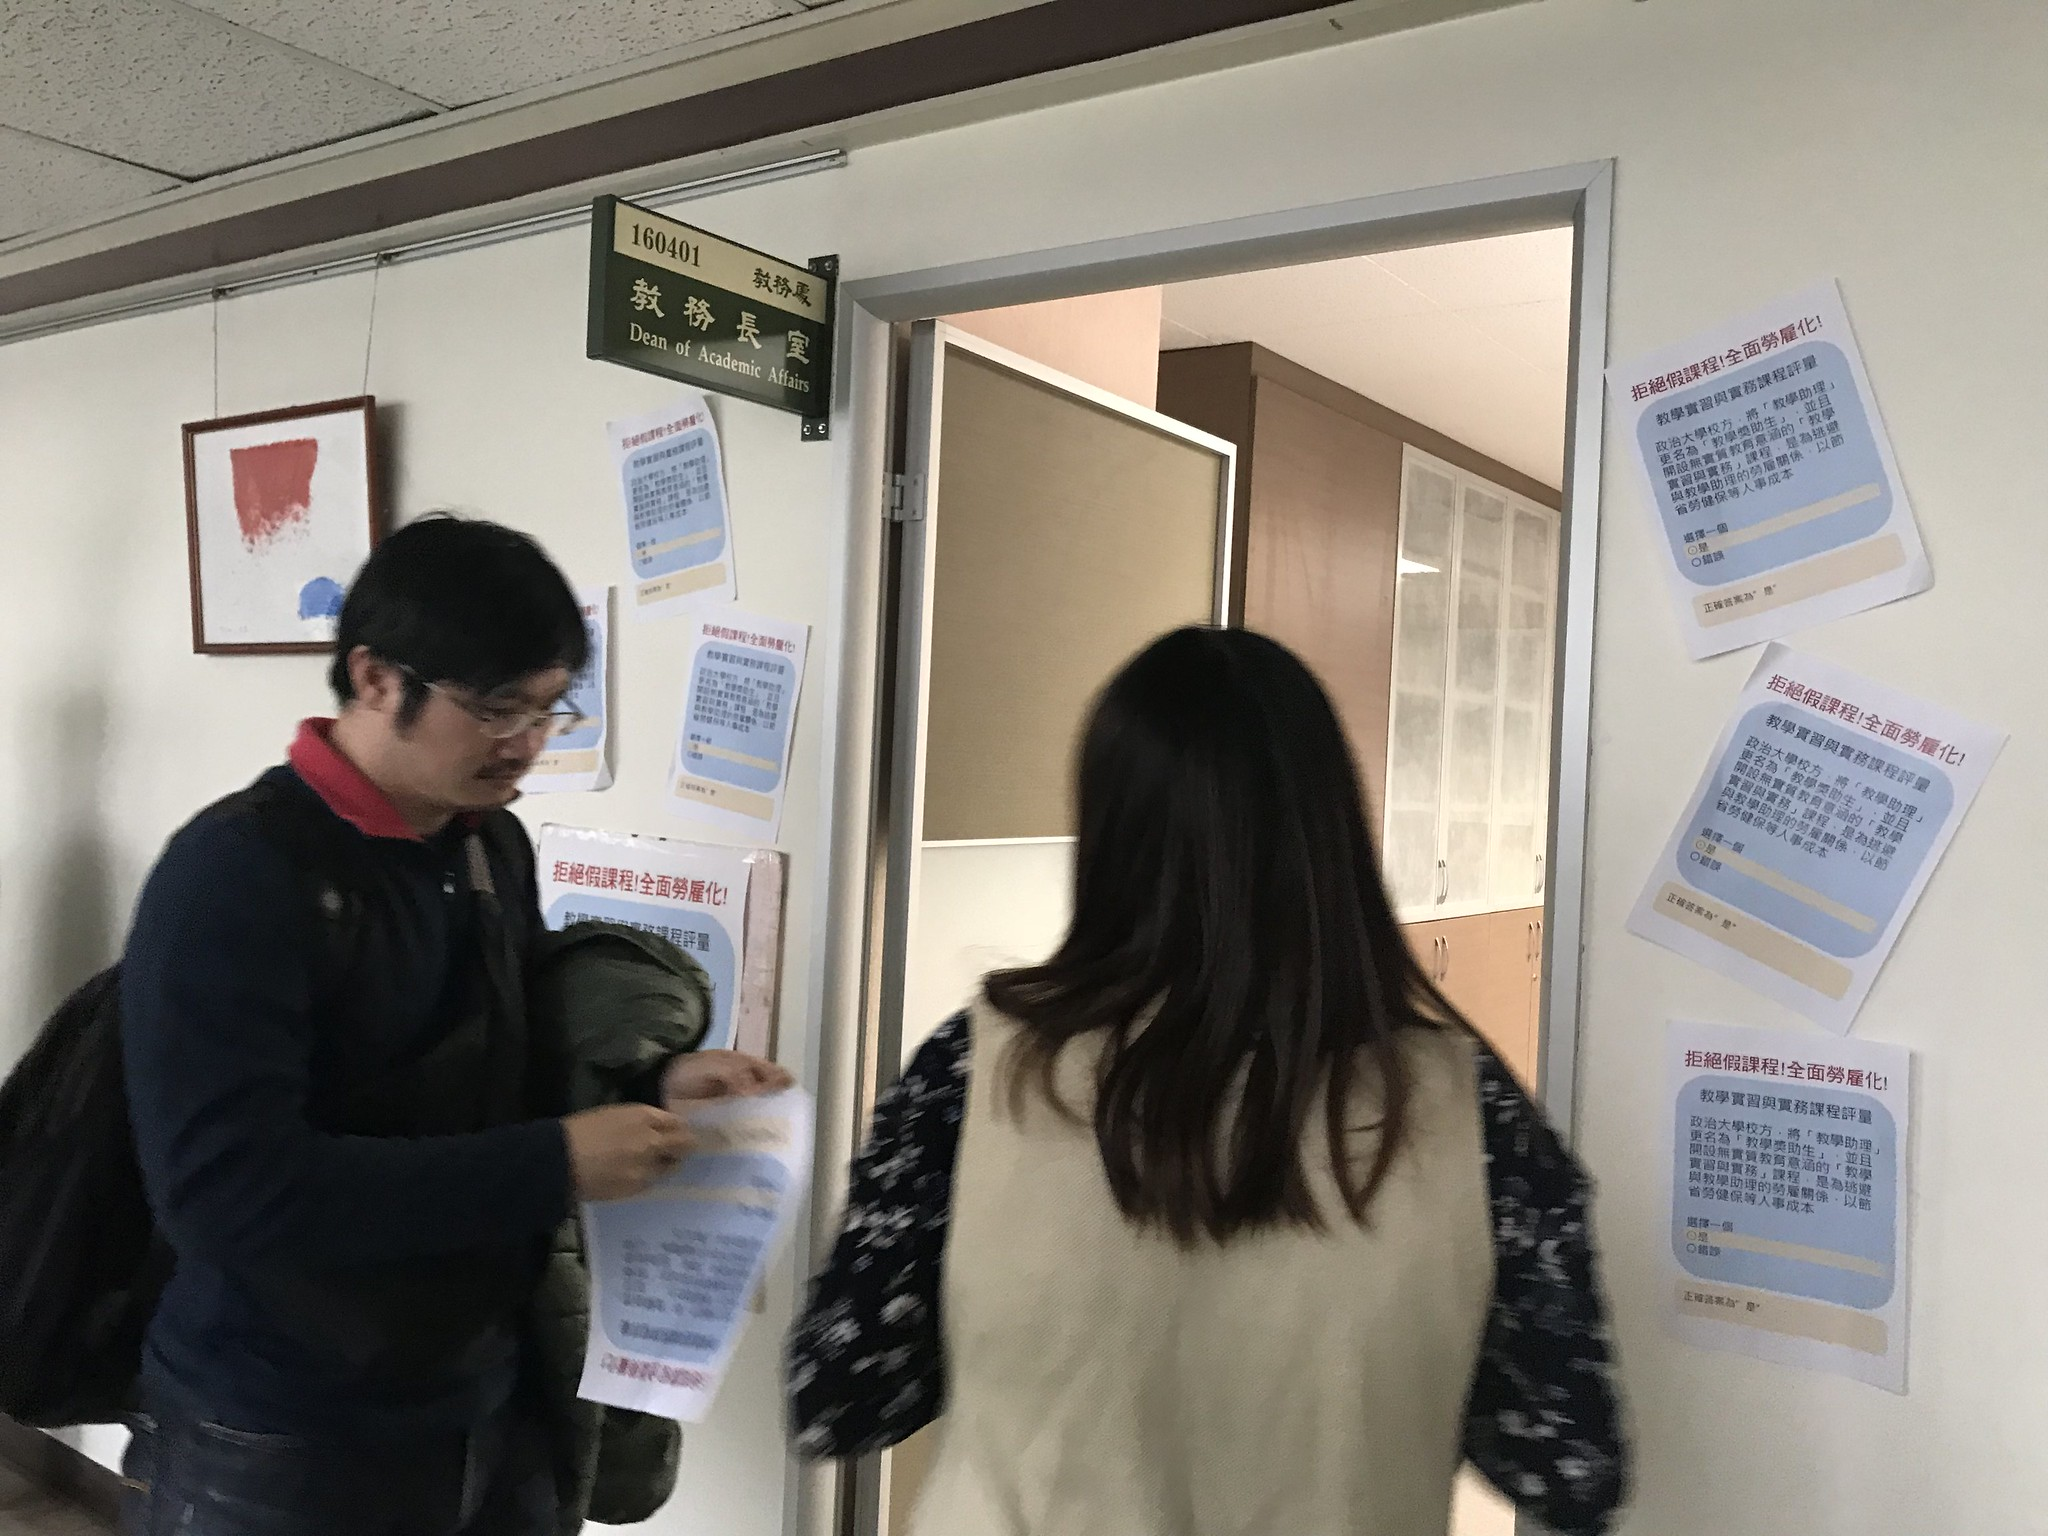 學生將諷刺政大兼任助理課後問卷的字條黏貼在教務長室的門口。(攝影:張宗坤)